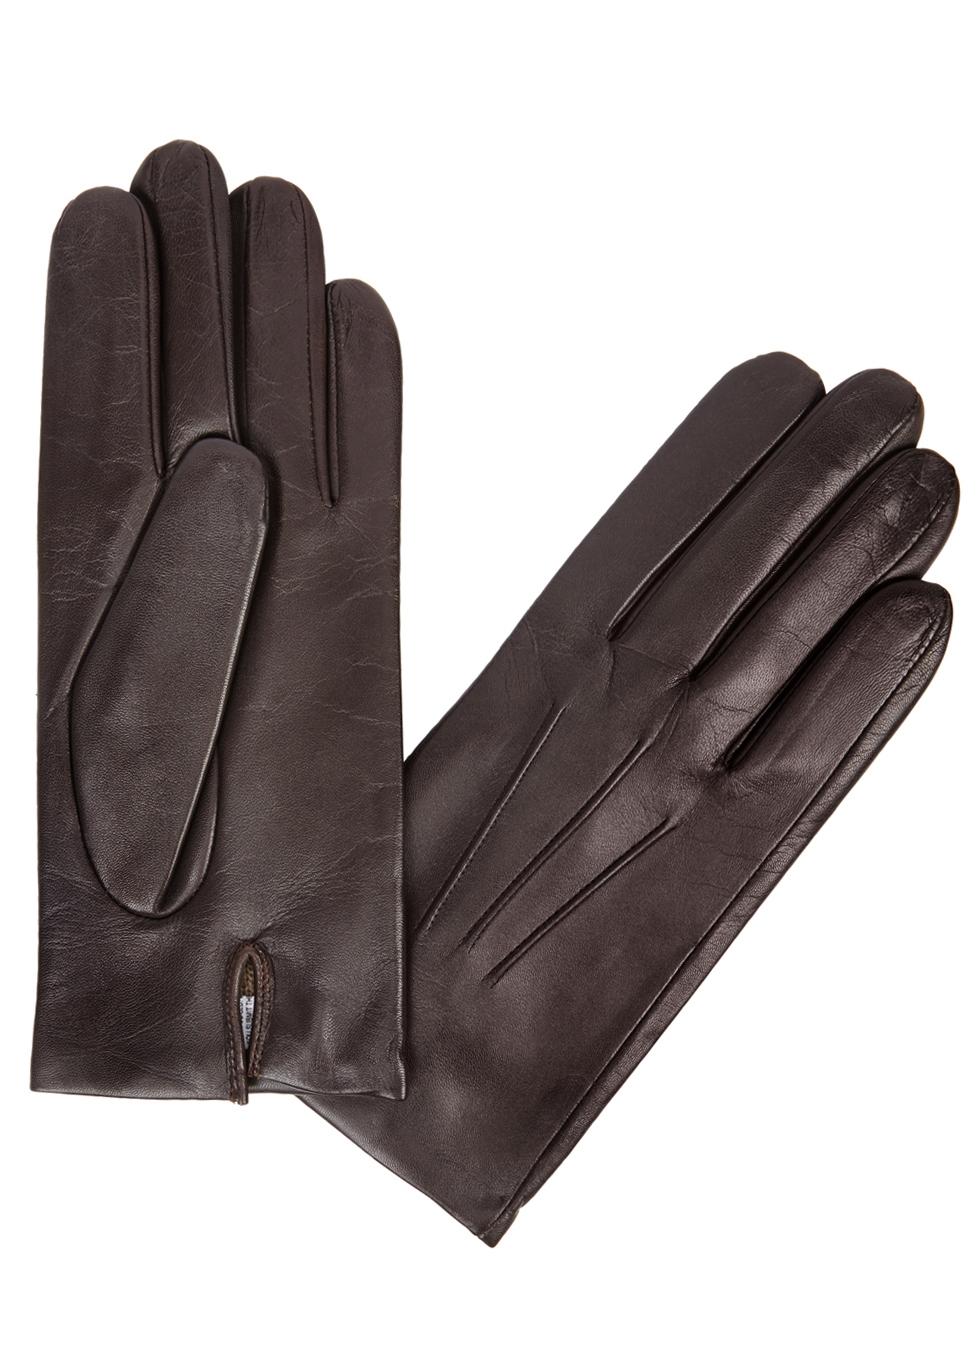 DENTS Bath Dark Brown Leather Gloves